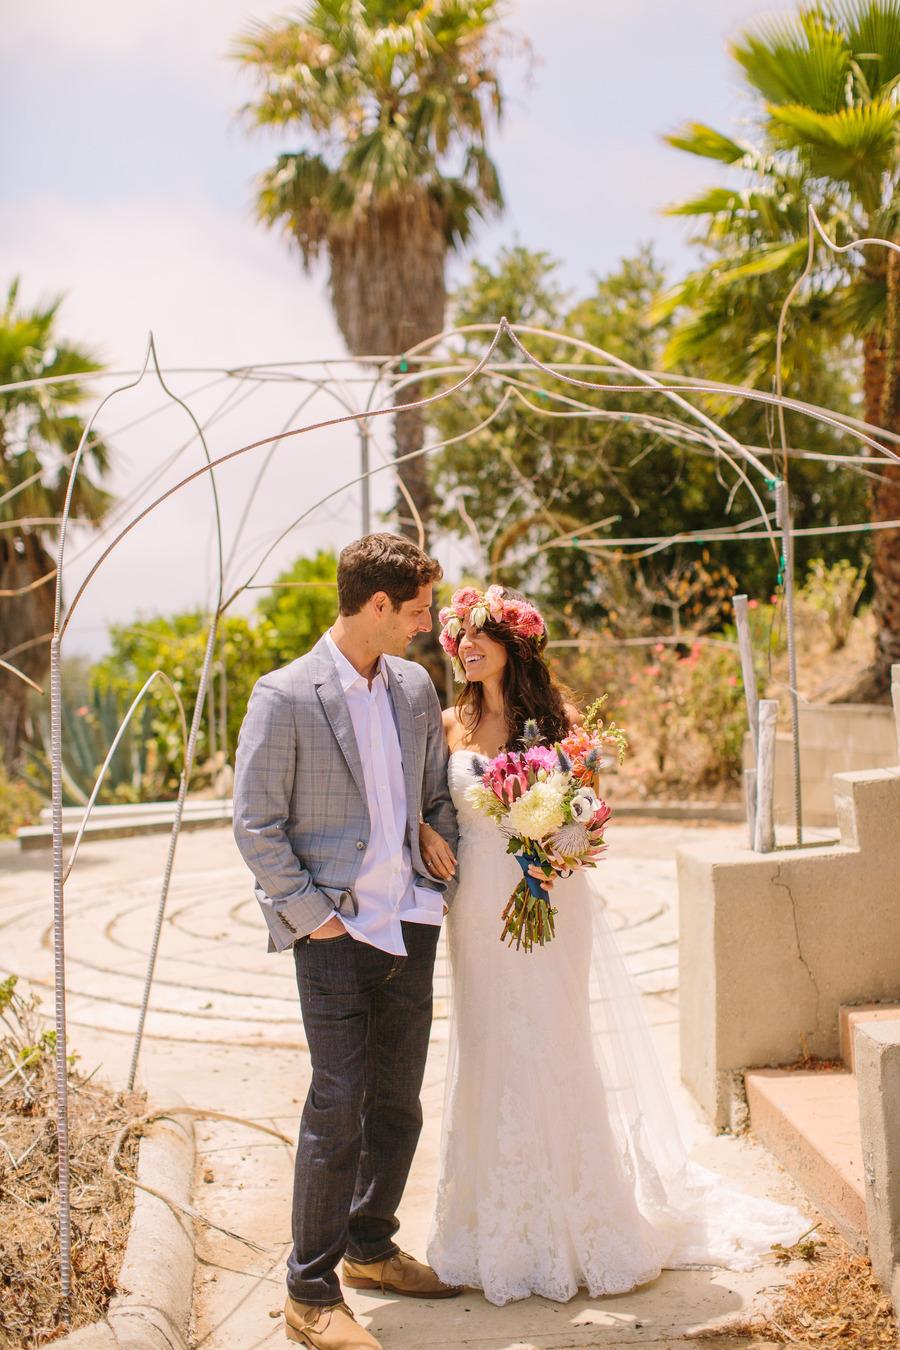 Amanda & Brad's Wedding